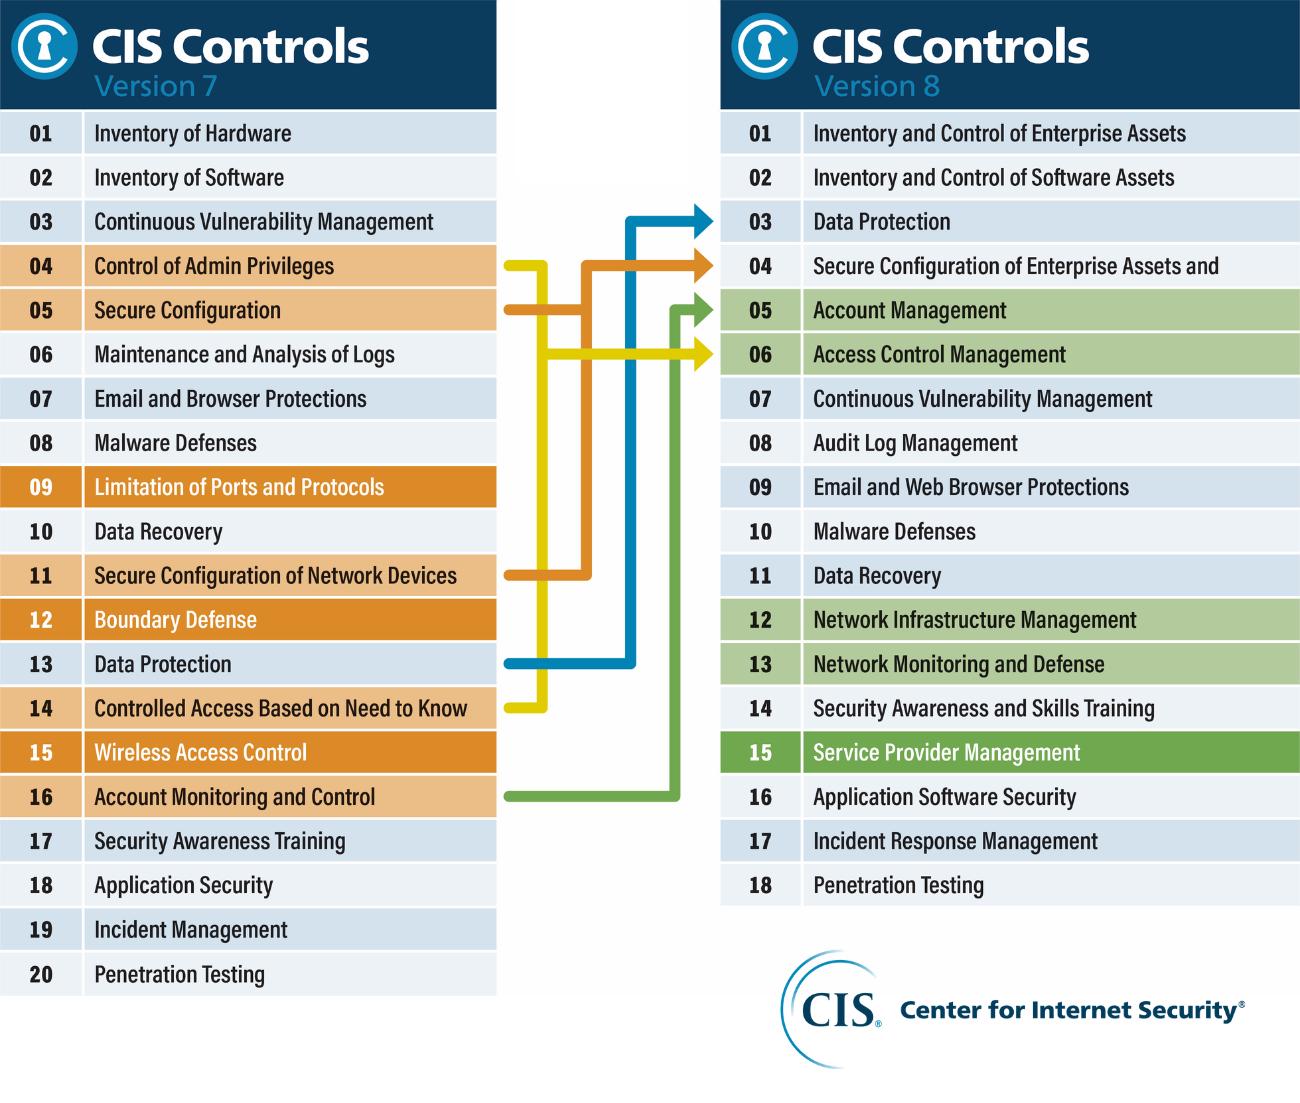 CIS-Controls-v7-v8.png